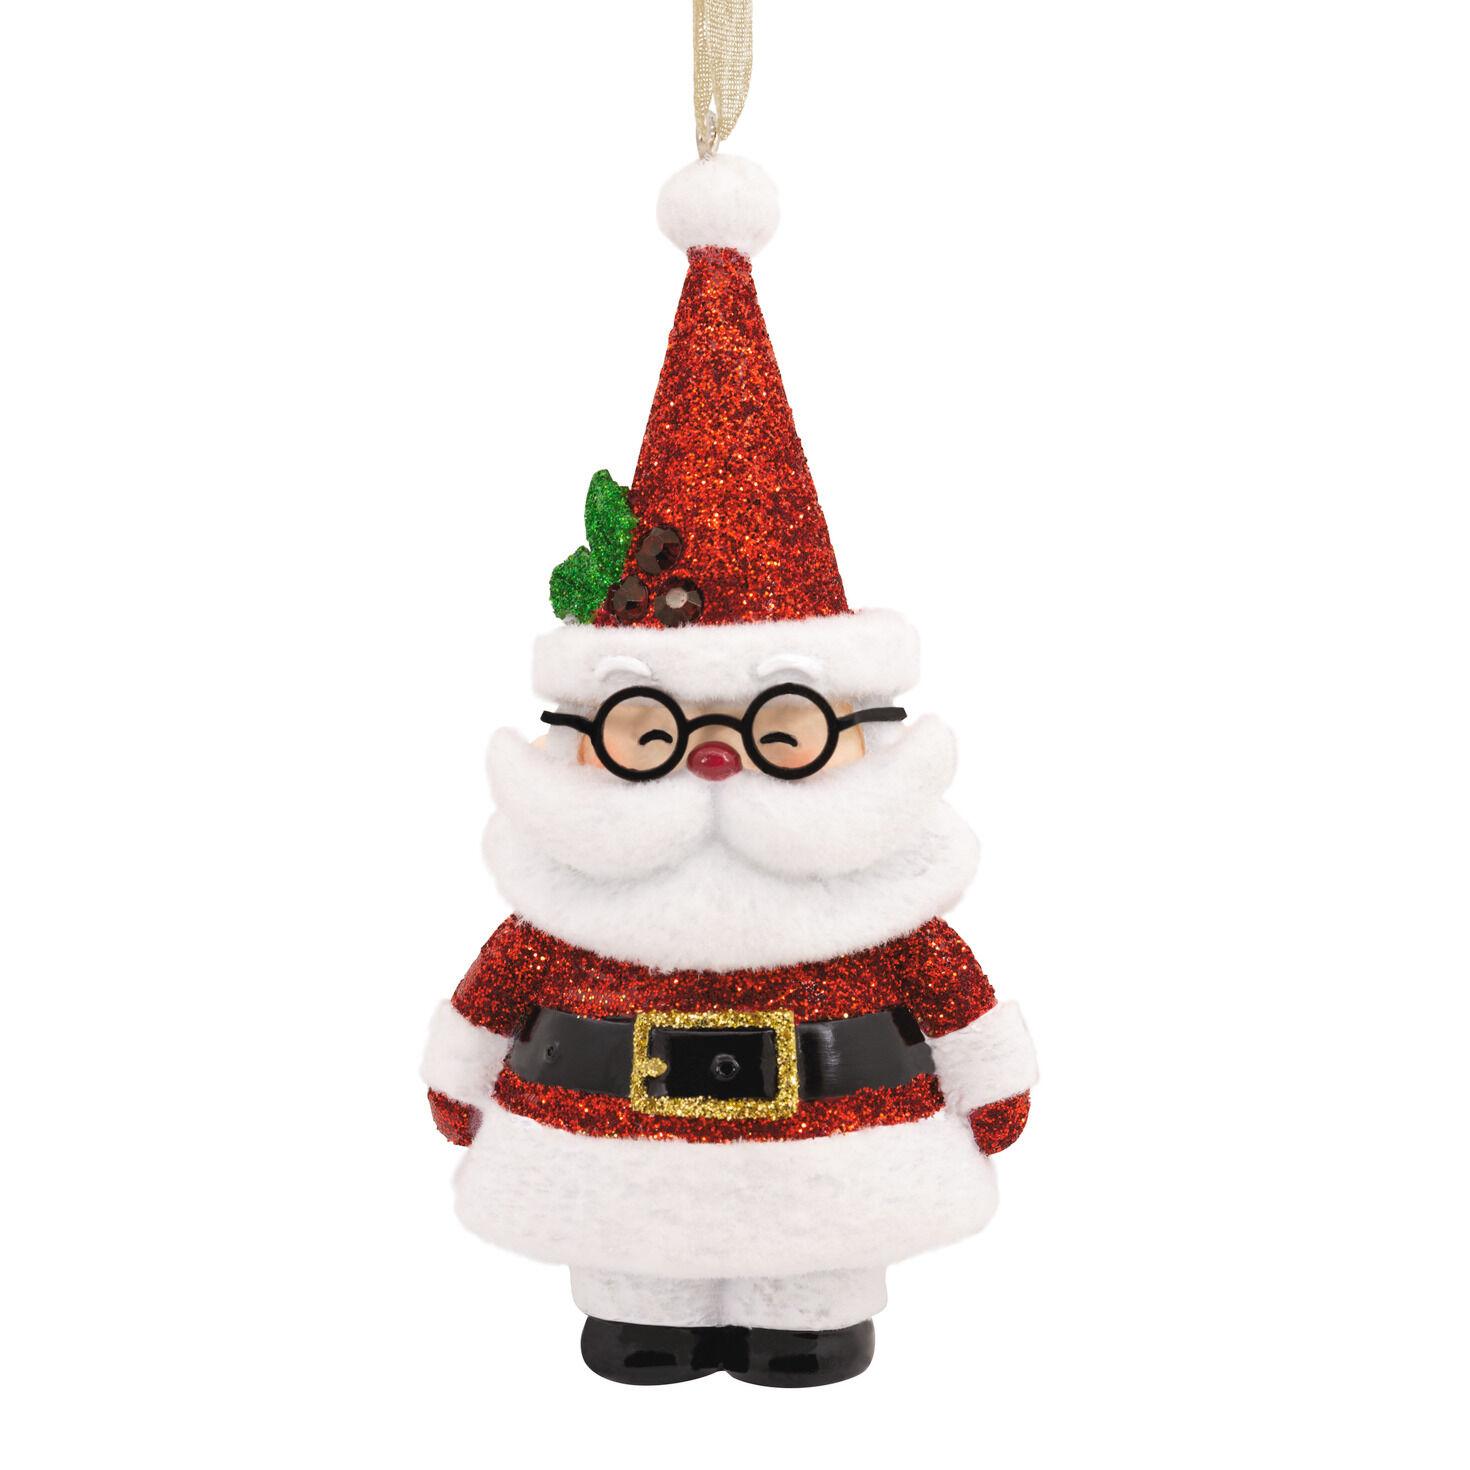 Sparkly Santa Claus Premium Hallmark Ornament